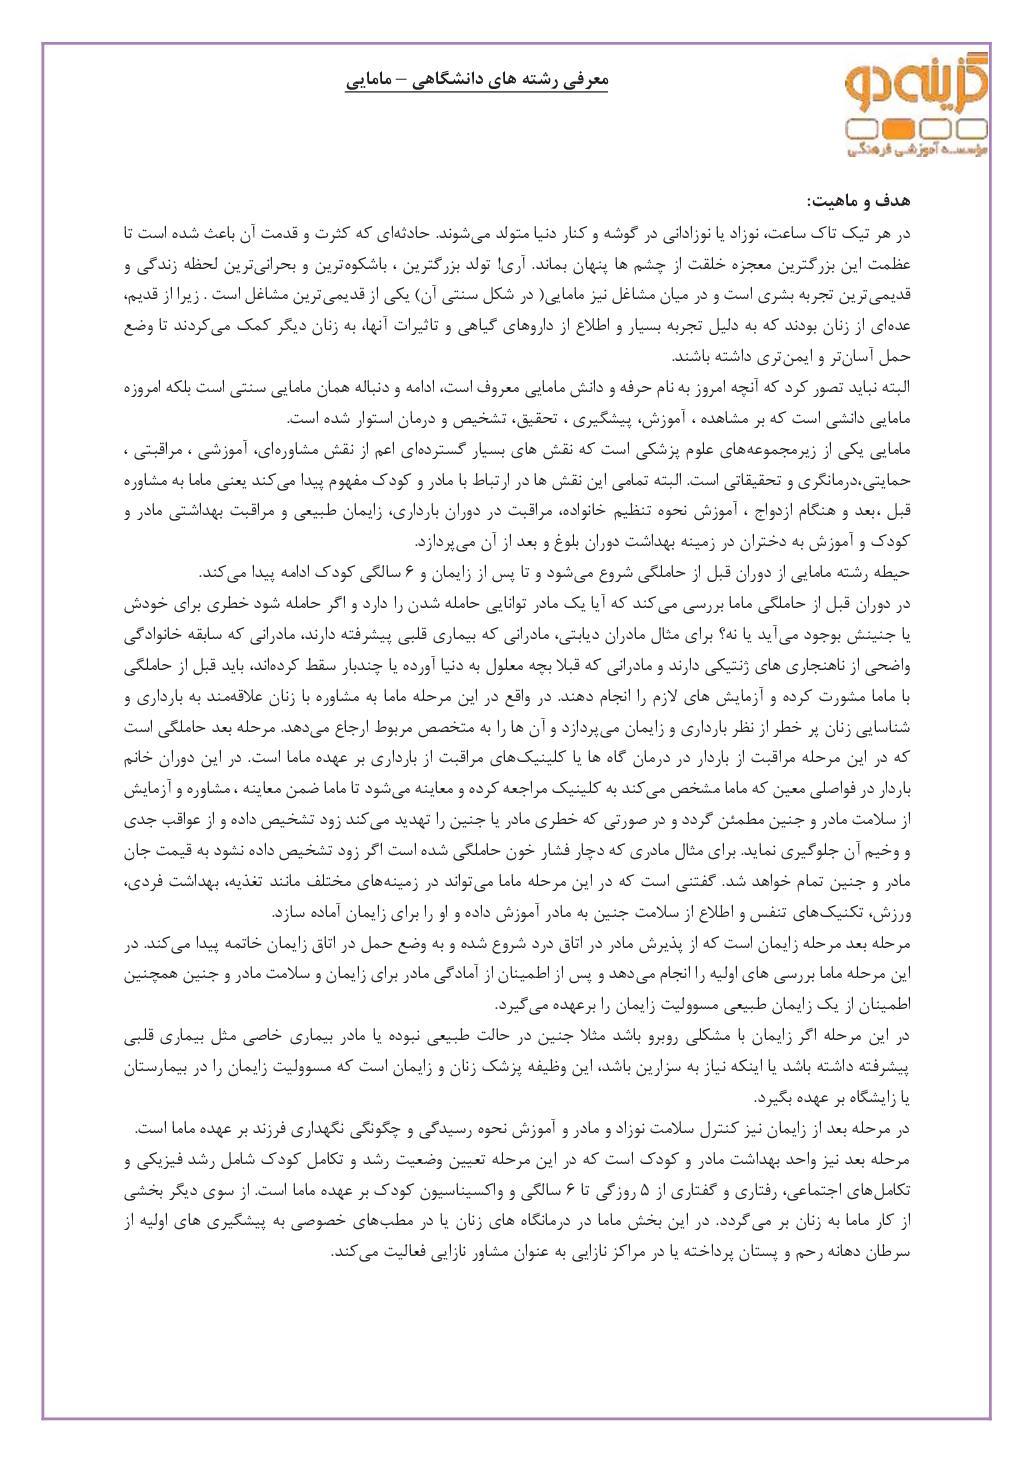 مامایی (PDF)